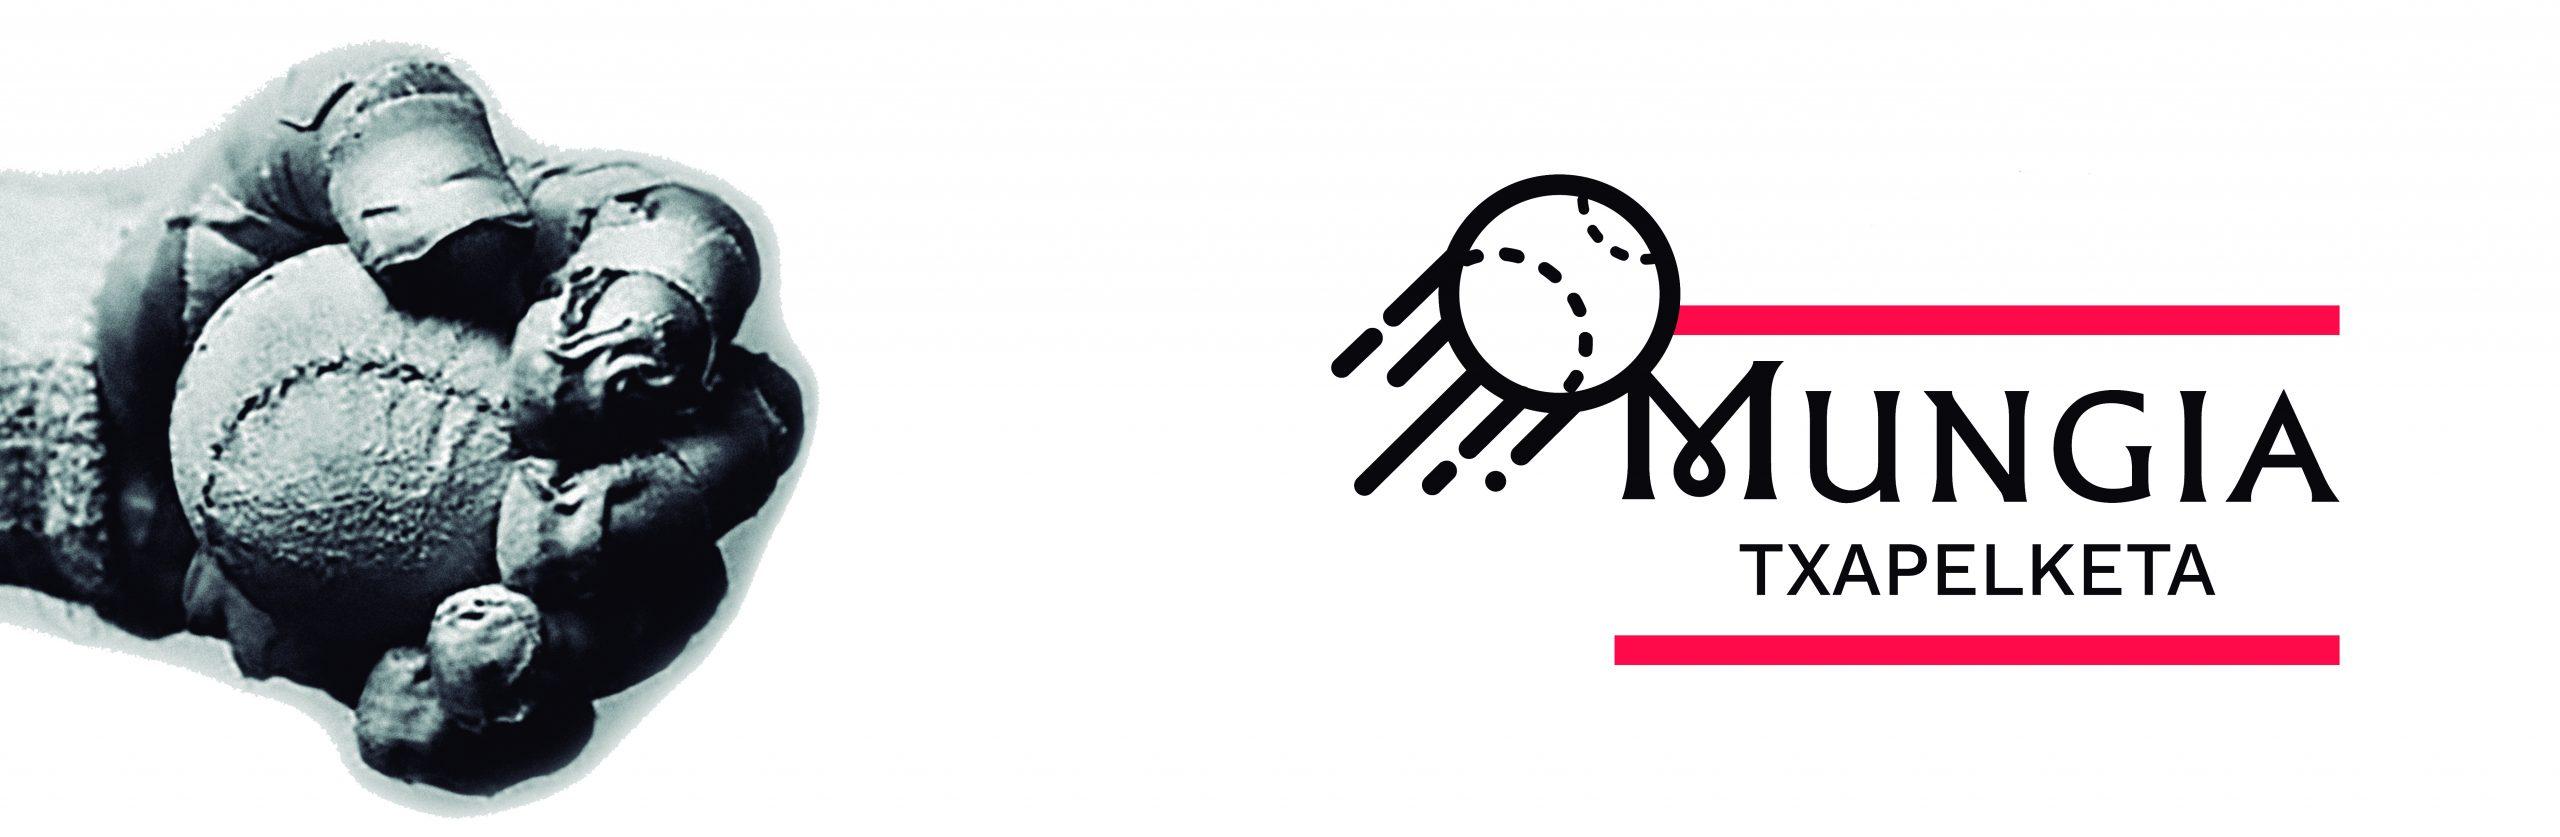 MUNGIA Txapelketa: Bikoteak - Parejas X